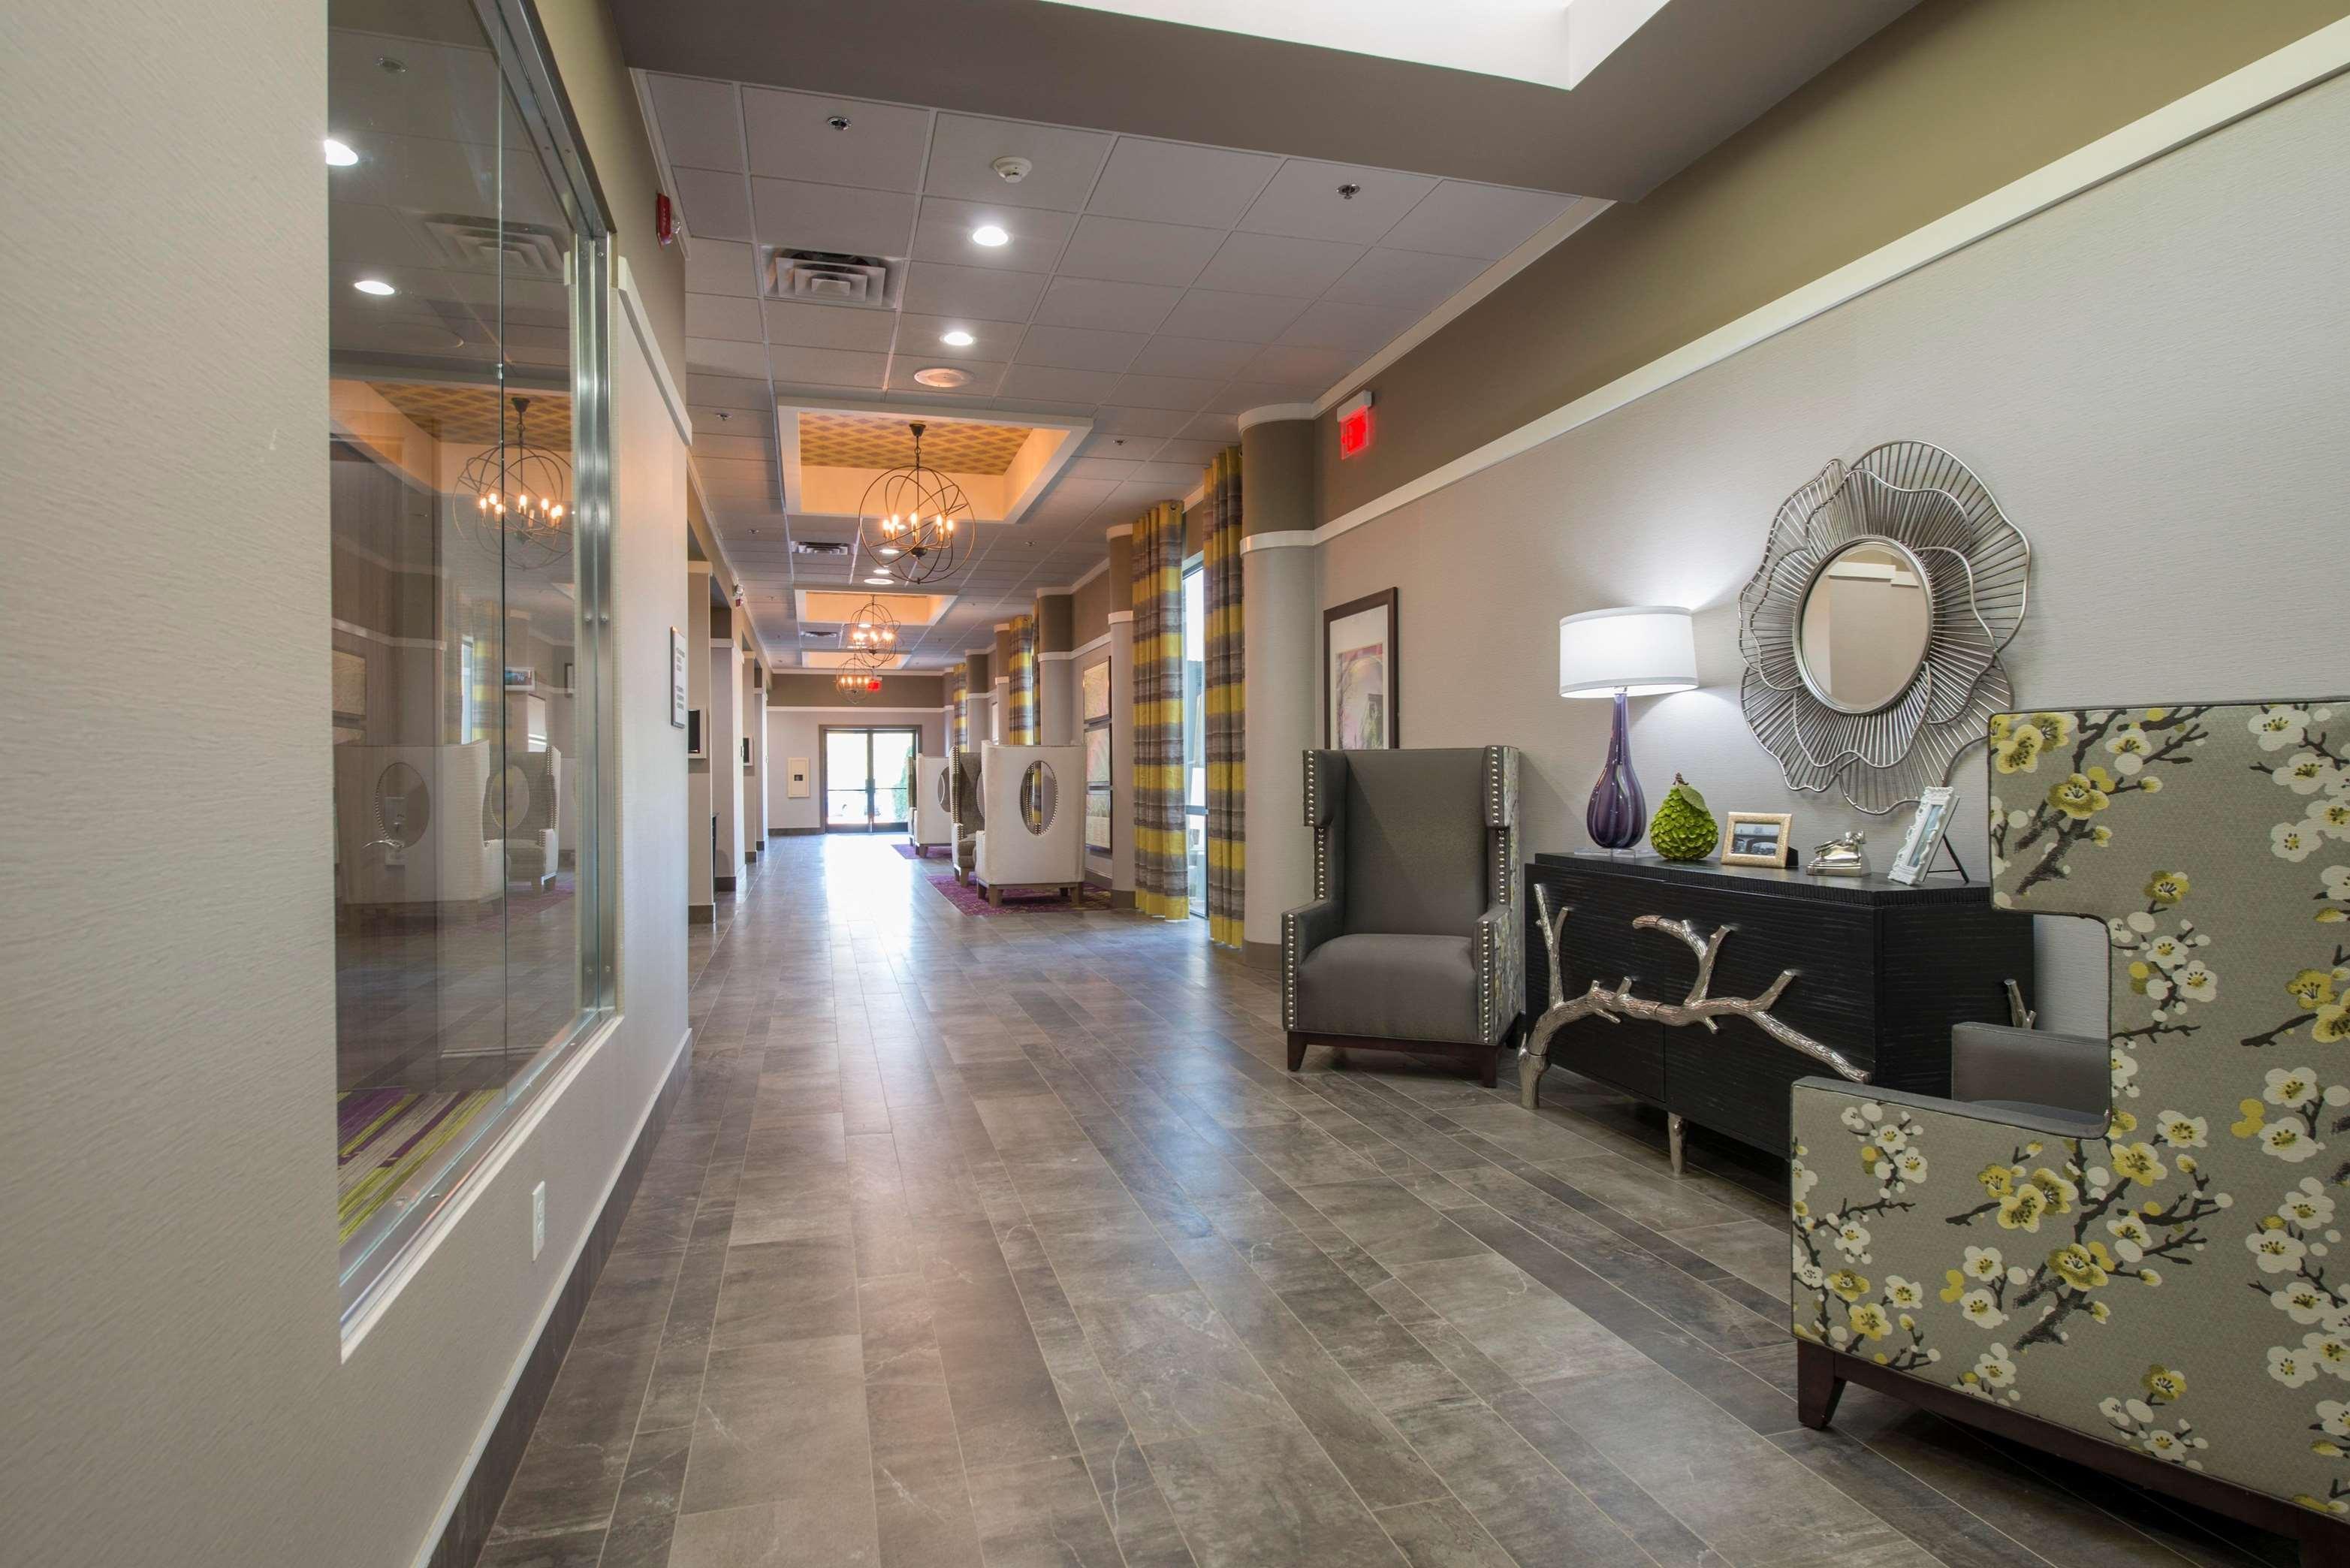 DoubleTree by Hilton Hotel Winston Salem - University image 9